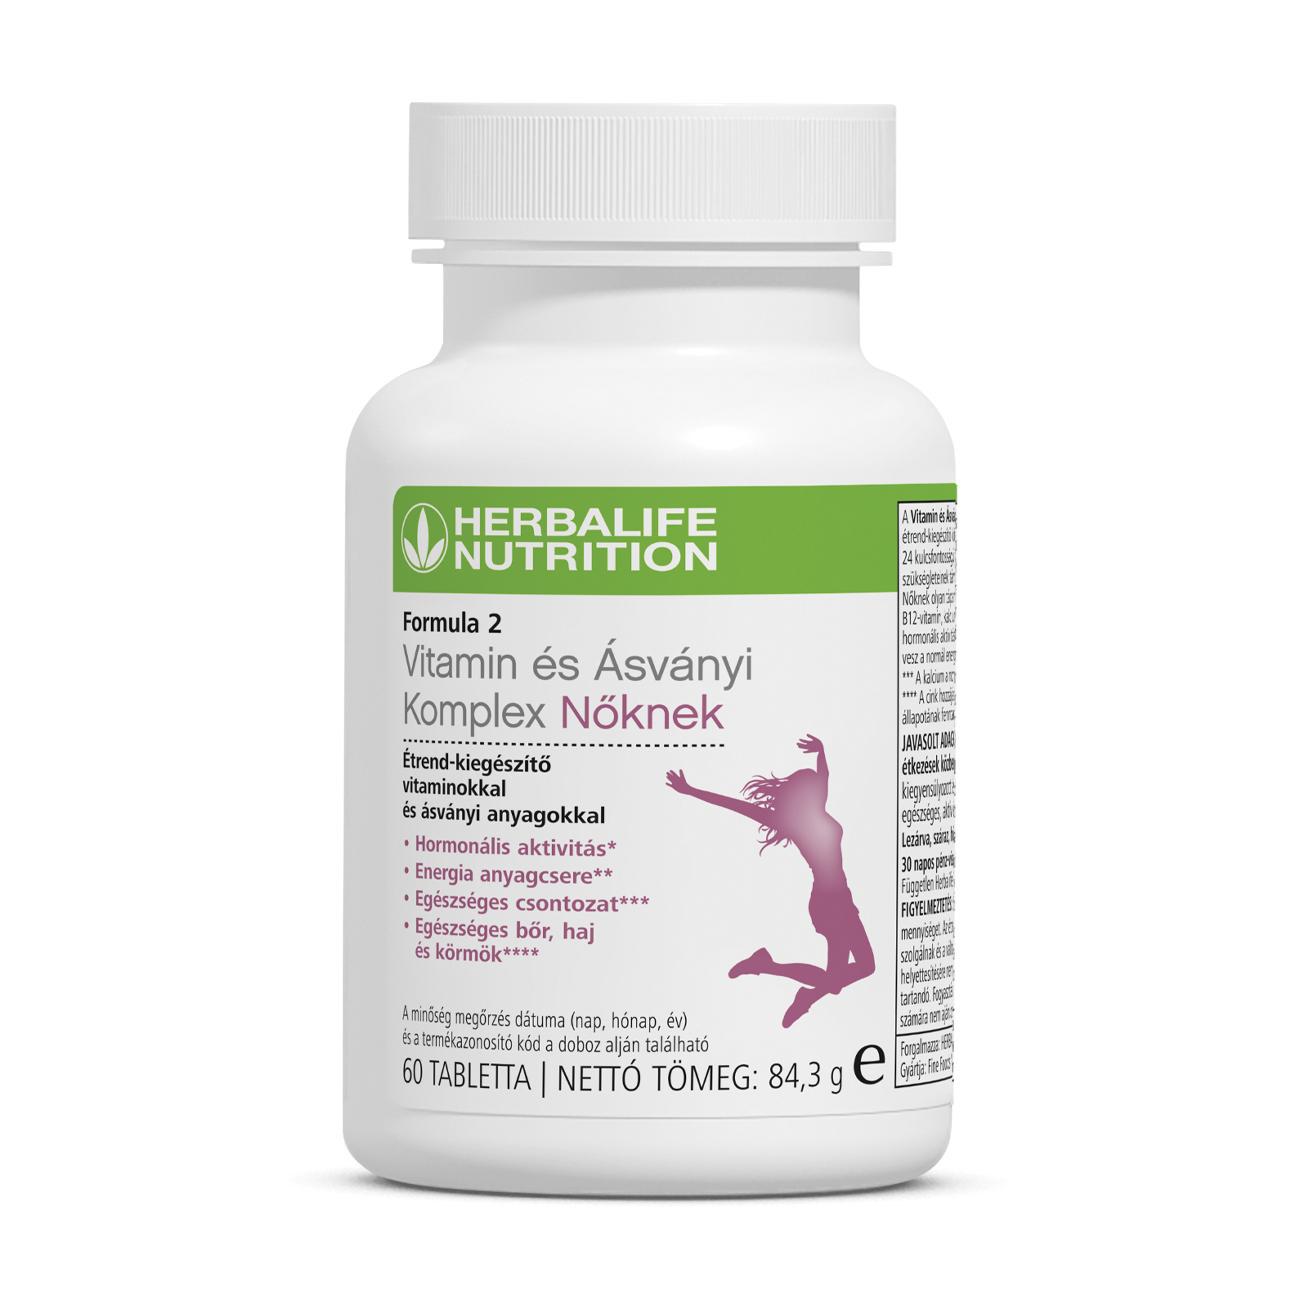 Formula 2 Vitamin és Ásványi Komplex Nőknek Multivitamin Kiegészítő 60 Tabletta